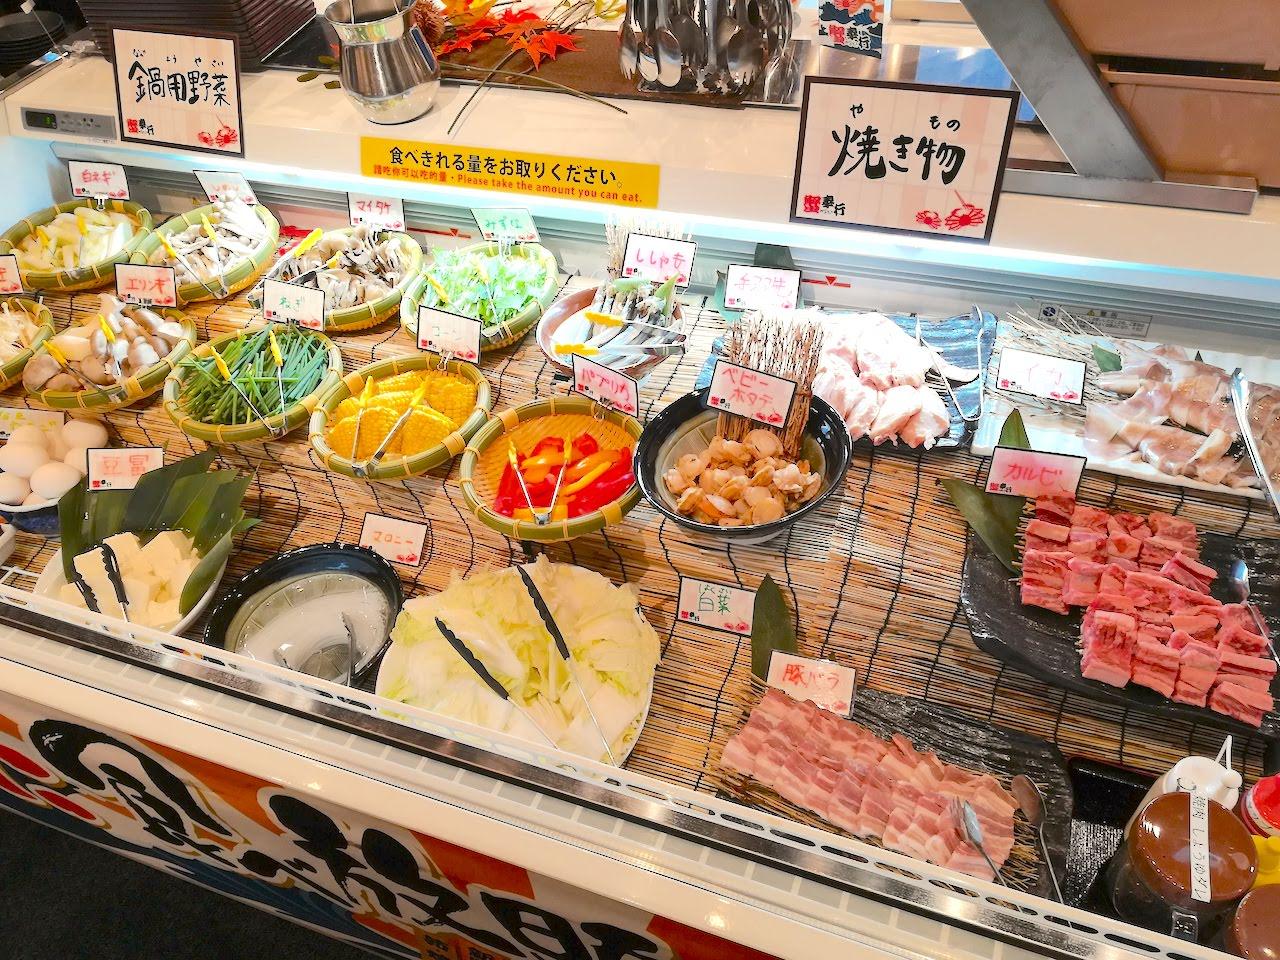 http://dinner.tokyo-review.com/images/IMG_20181013_120225.jpg